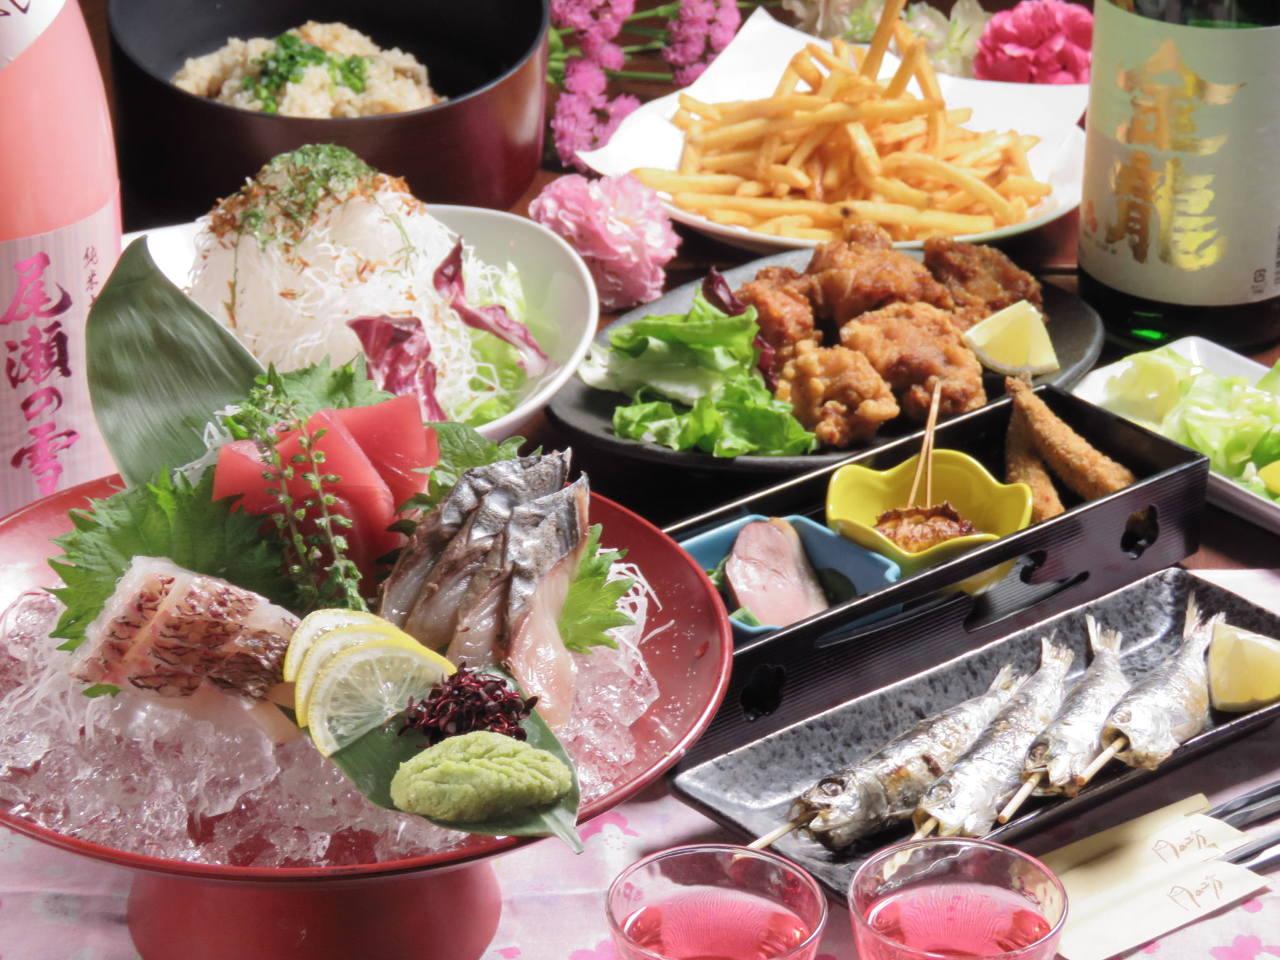 《当日予約OK》◆得々4000円コース◆(季節のお料理9品)2h飲放付【個室有】